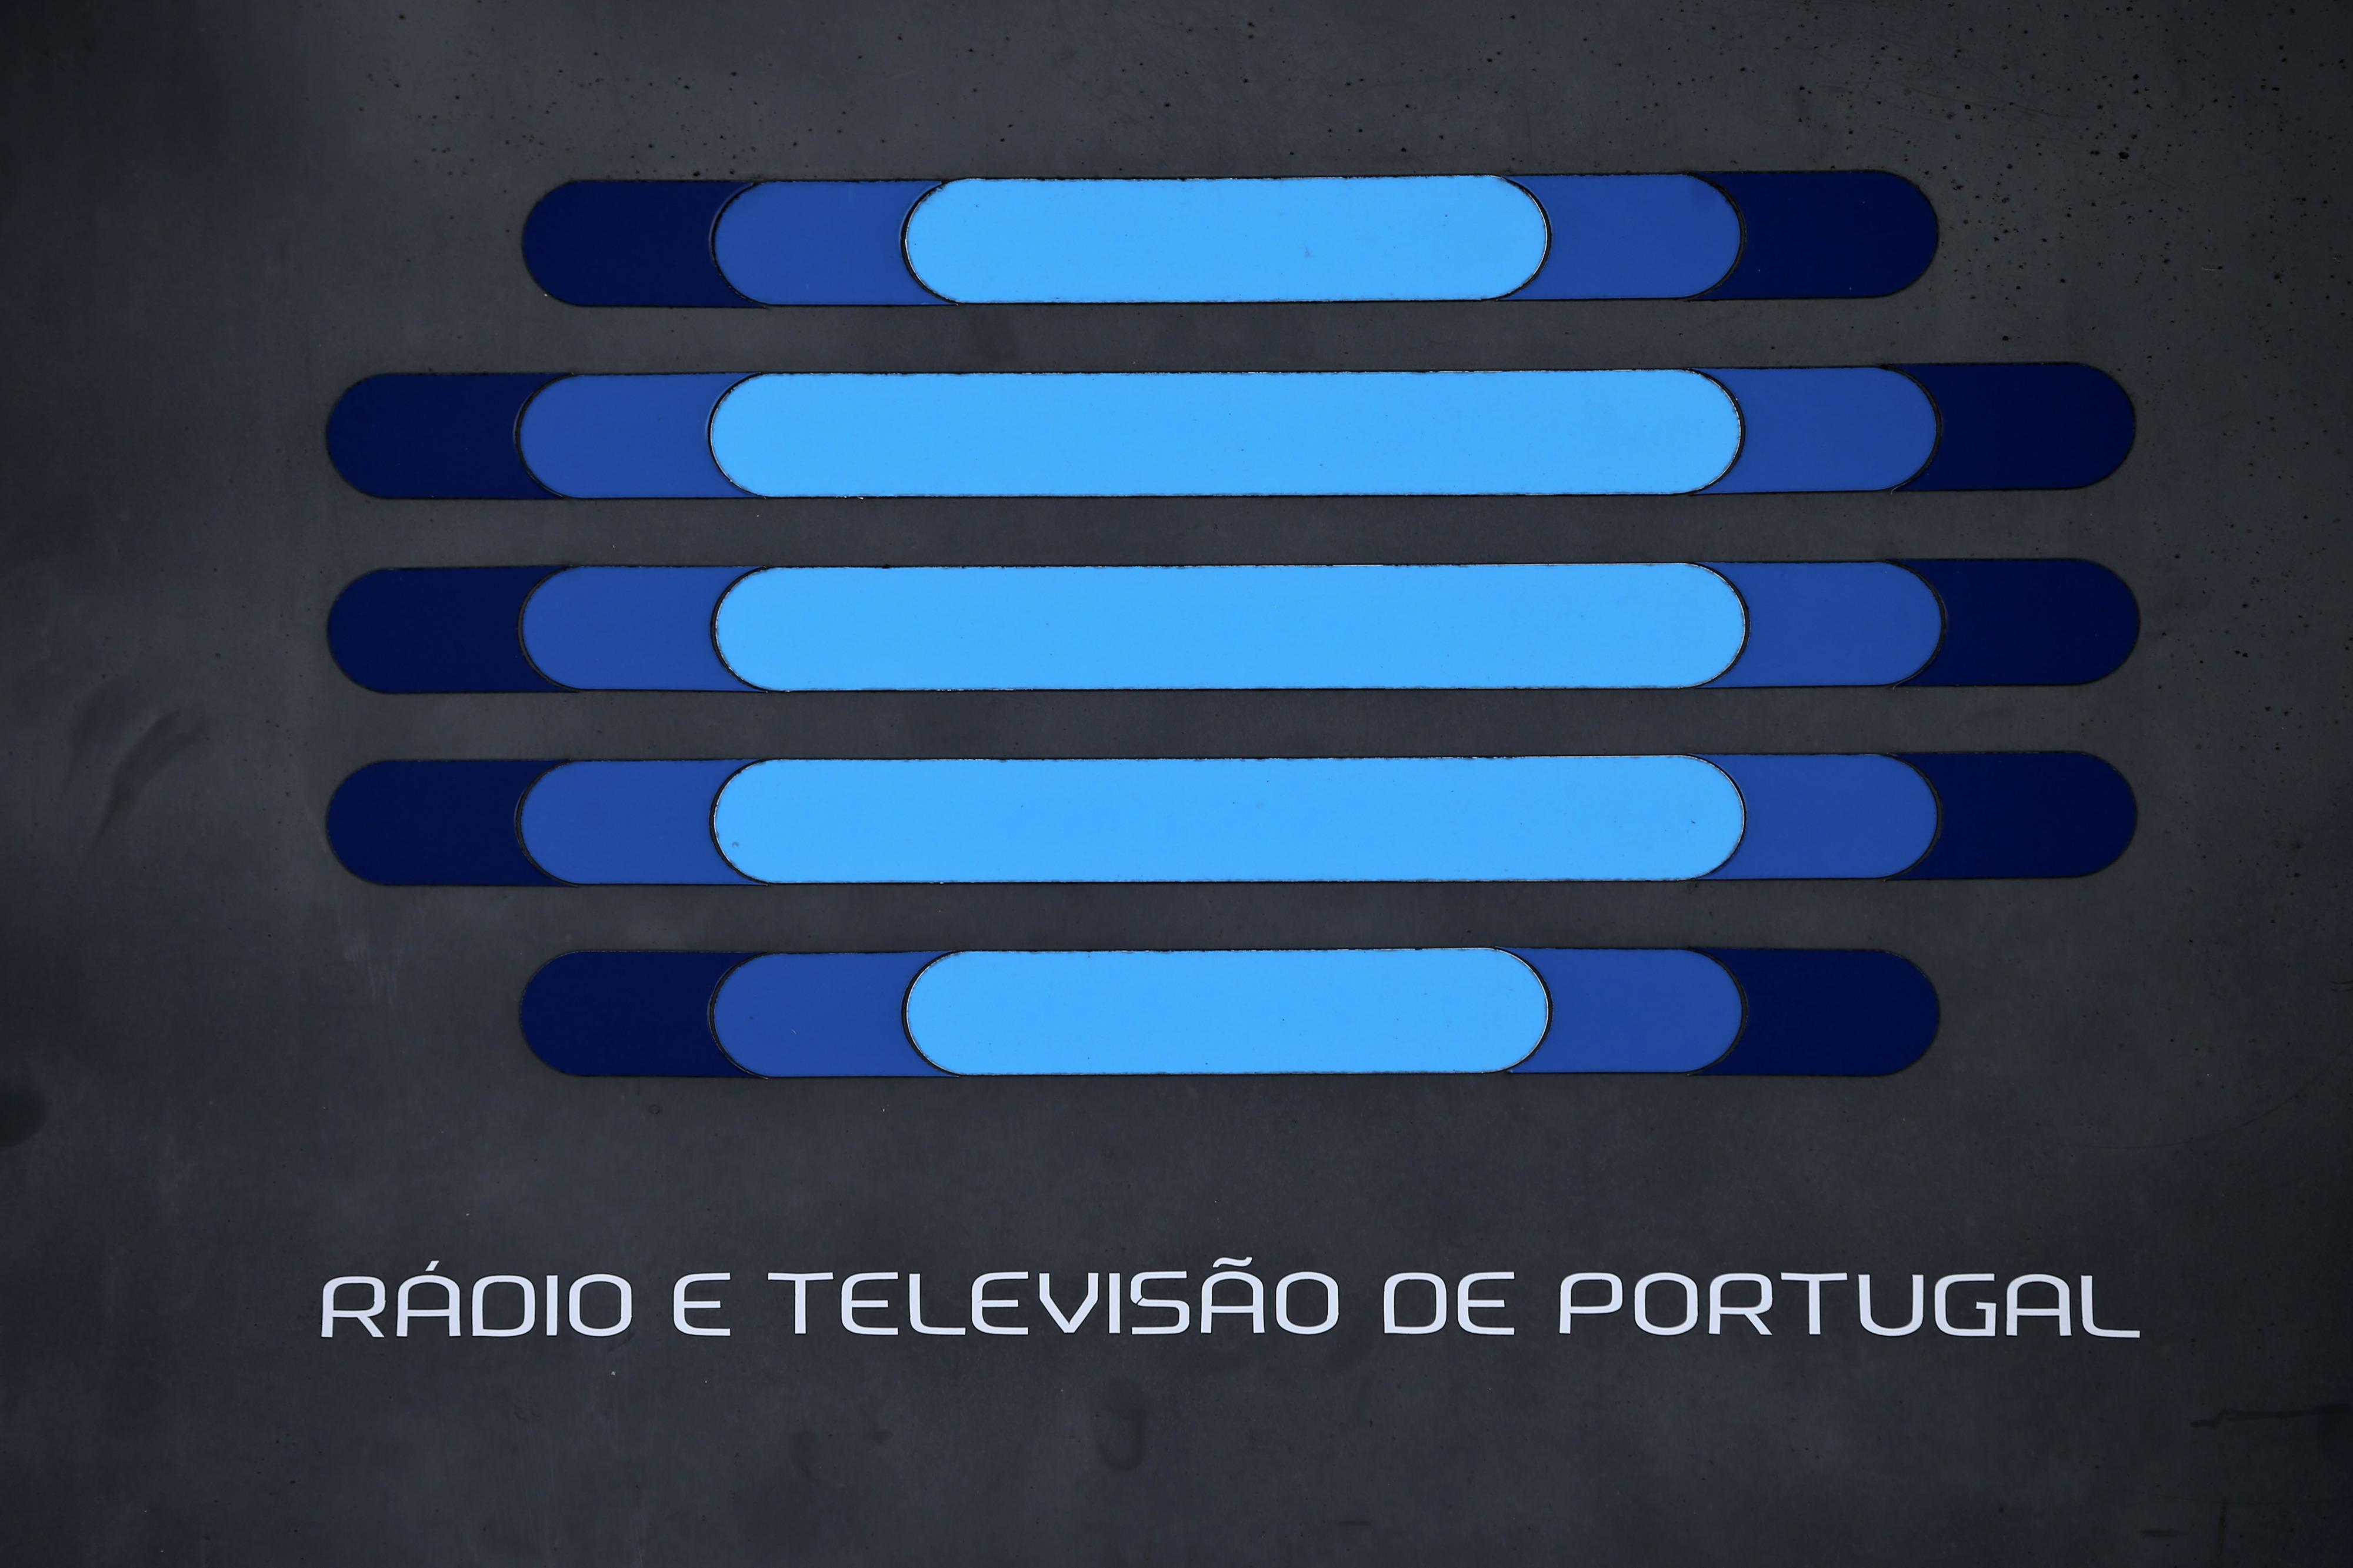 RTP vai lançar 13 telefilmes baseados em 13 contos adaptados por 13 realizadores